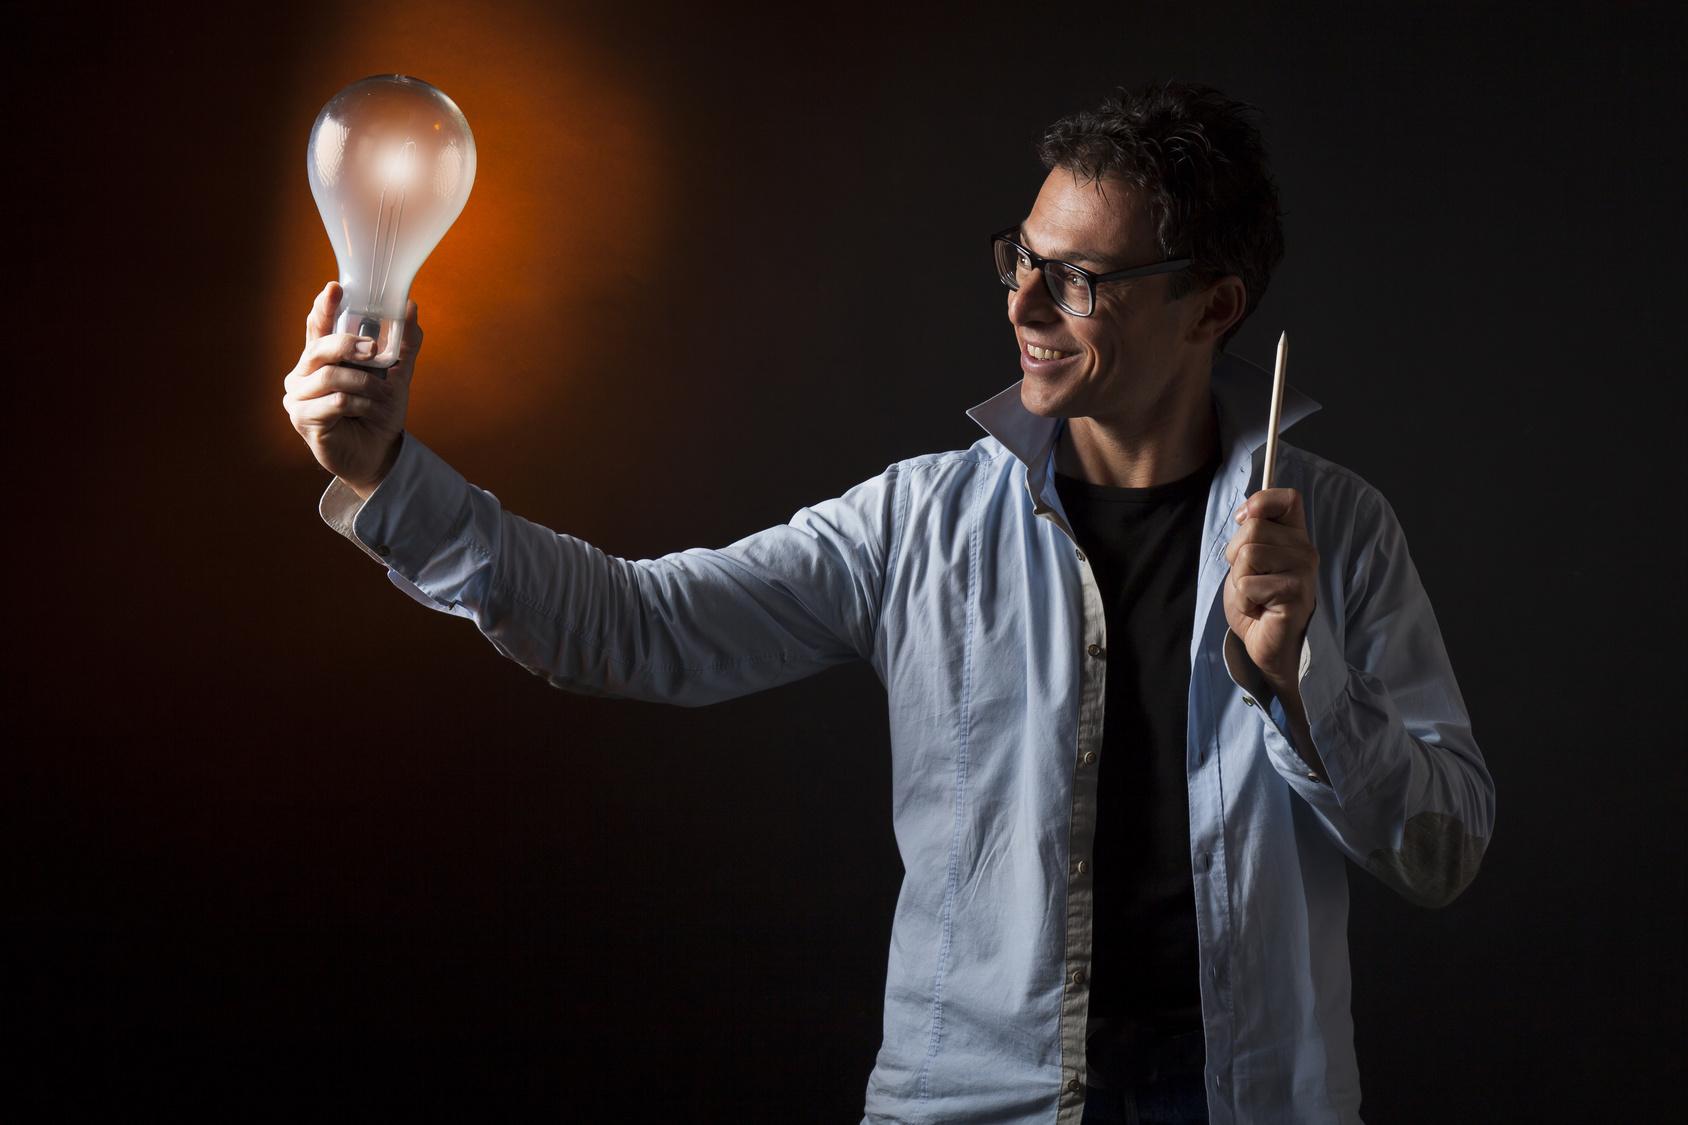 Uomo d'affari tiene in mano una lampadina accesa e nell'altra una matita. Concetto di creativit, genio,  motivazione